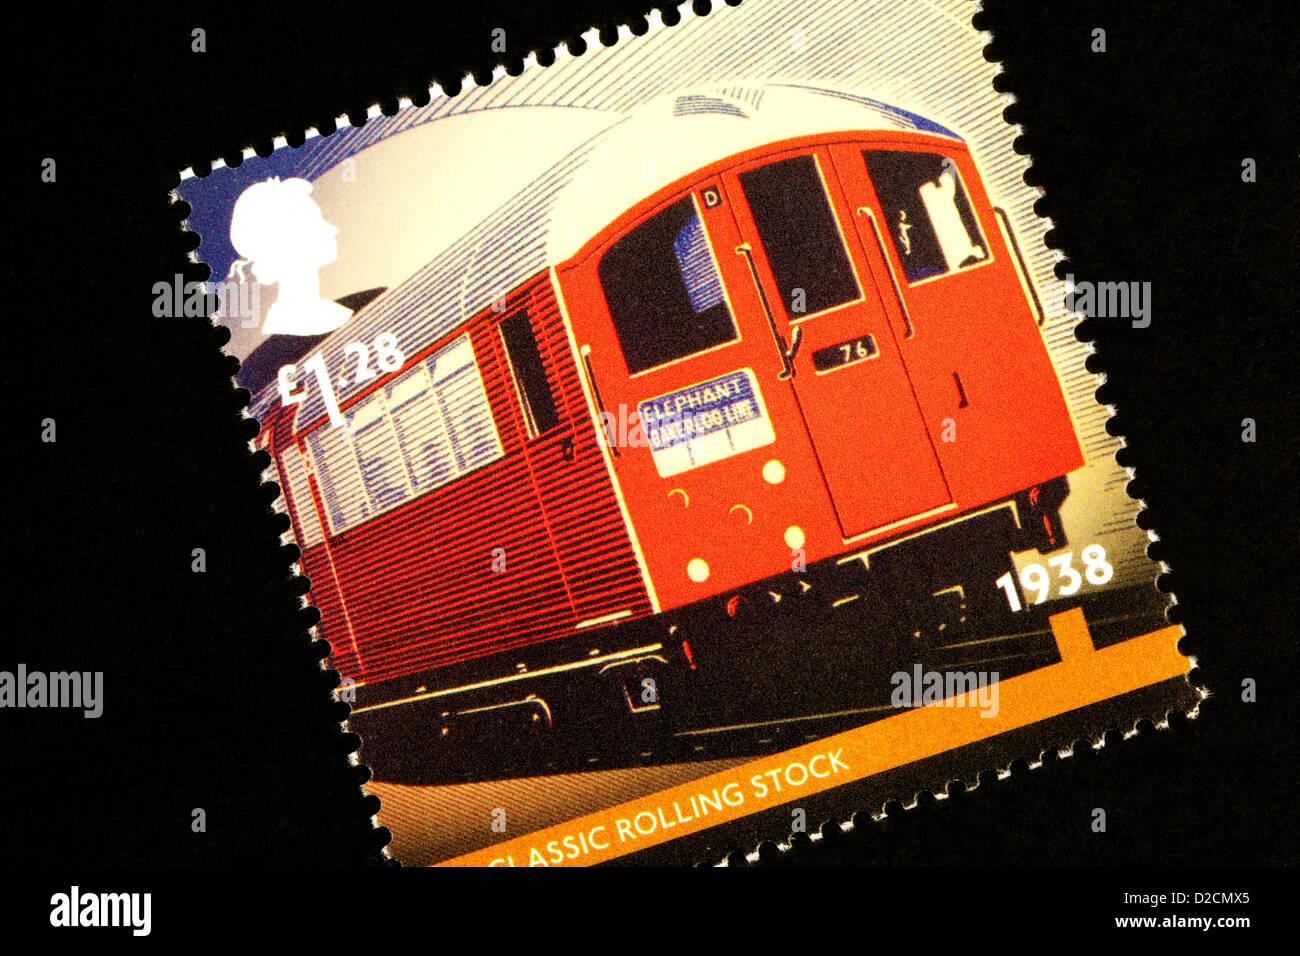 Un timbre commémoratif pour le 150e anniversaire du métro de Londres, UK publié en janvier 2013 Photo Stock